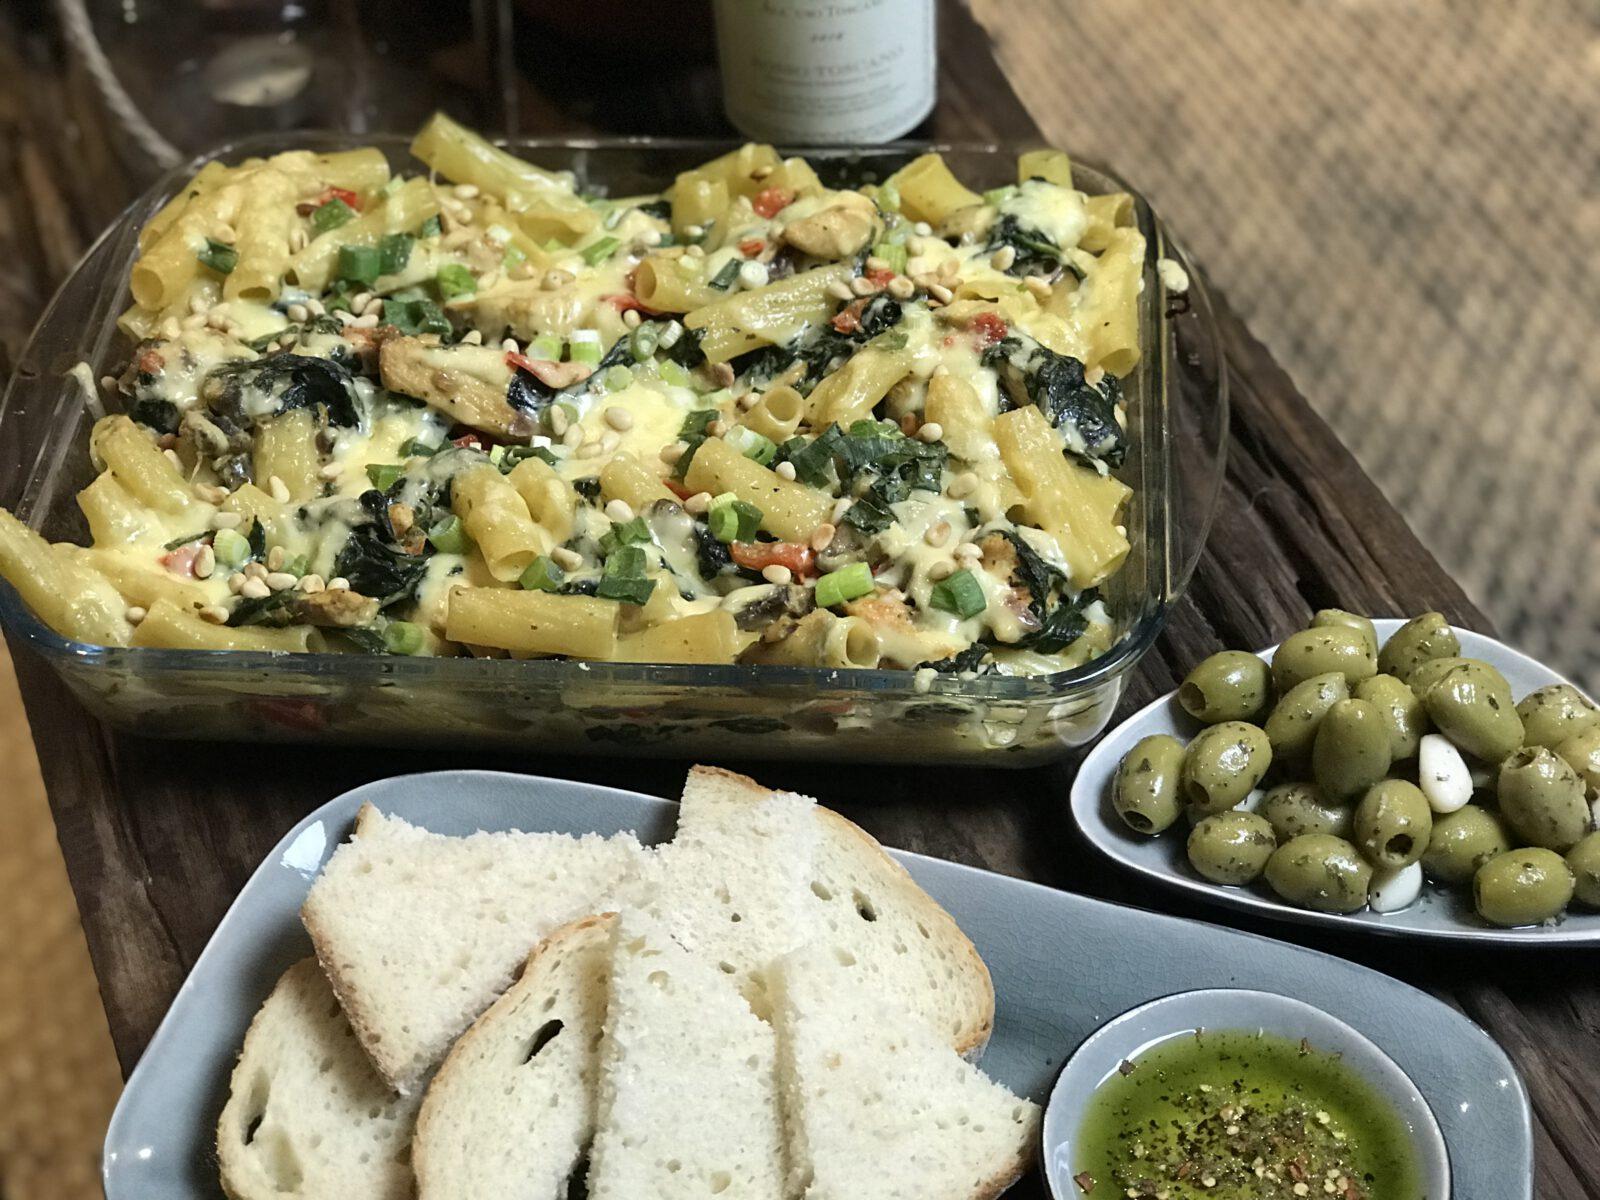 pasta ovenschotel met spinazie en kip - Familie over de kook